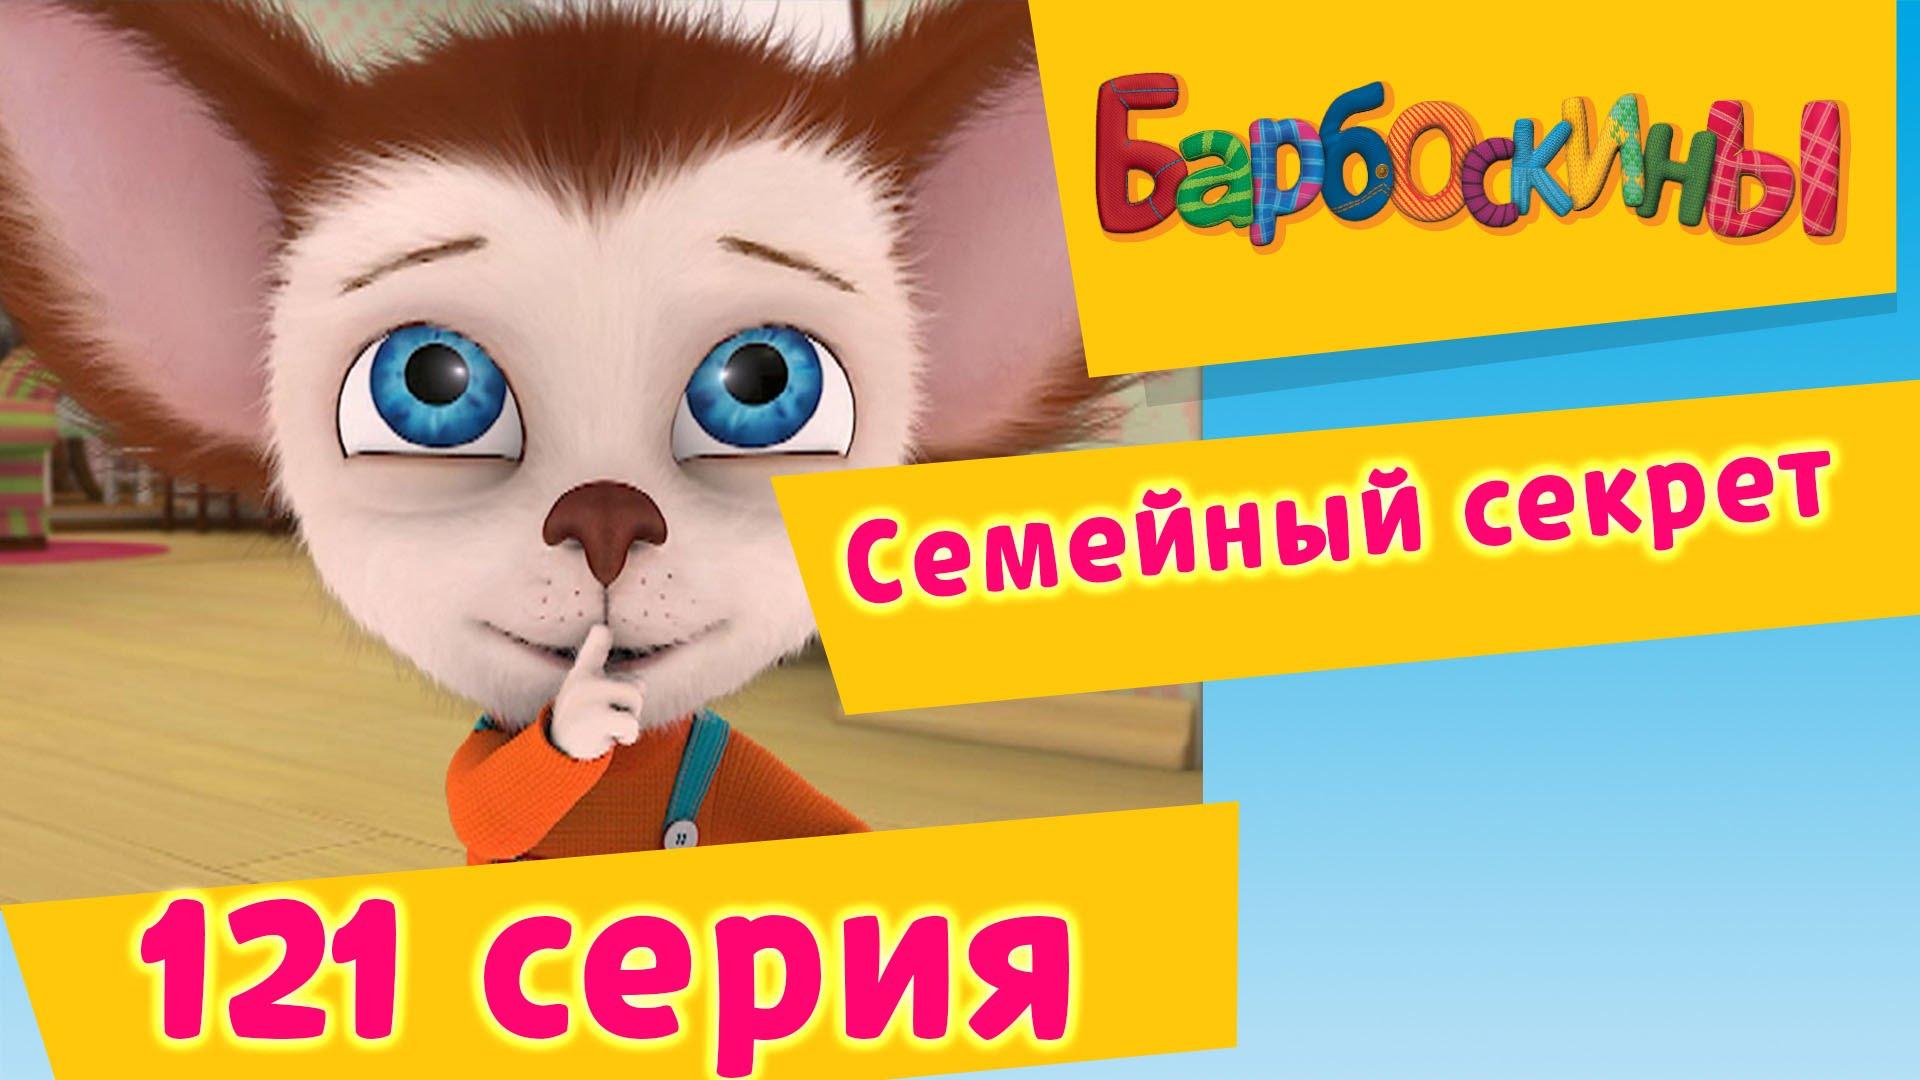 Барбоскины — 121 серия. Семейный секрет